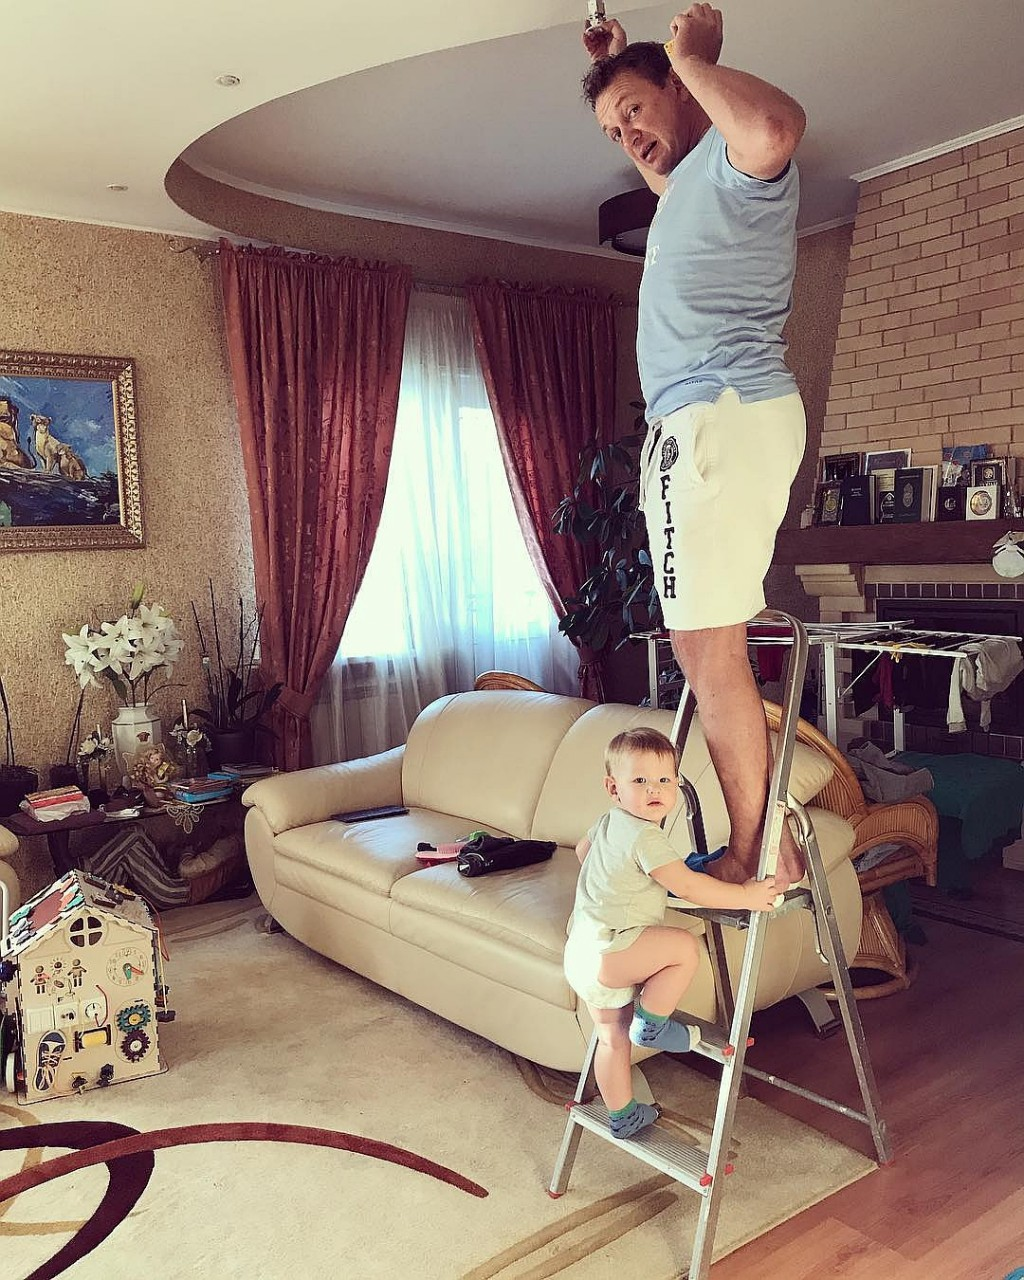 Марат Башаров с сыном. Фото: Личная страничка героя публикации в соцсети